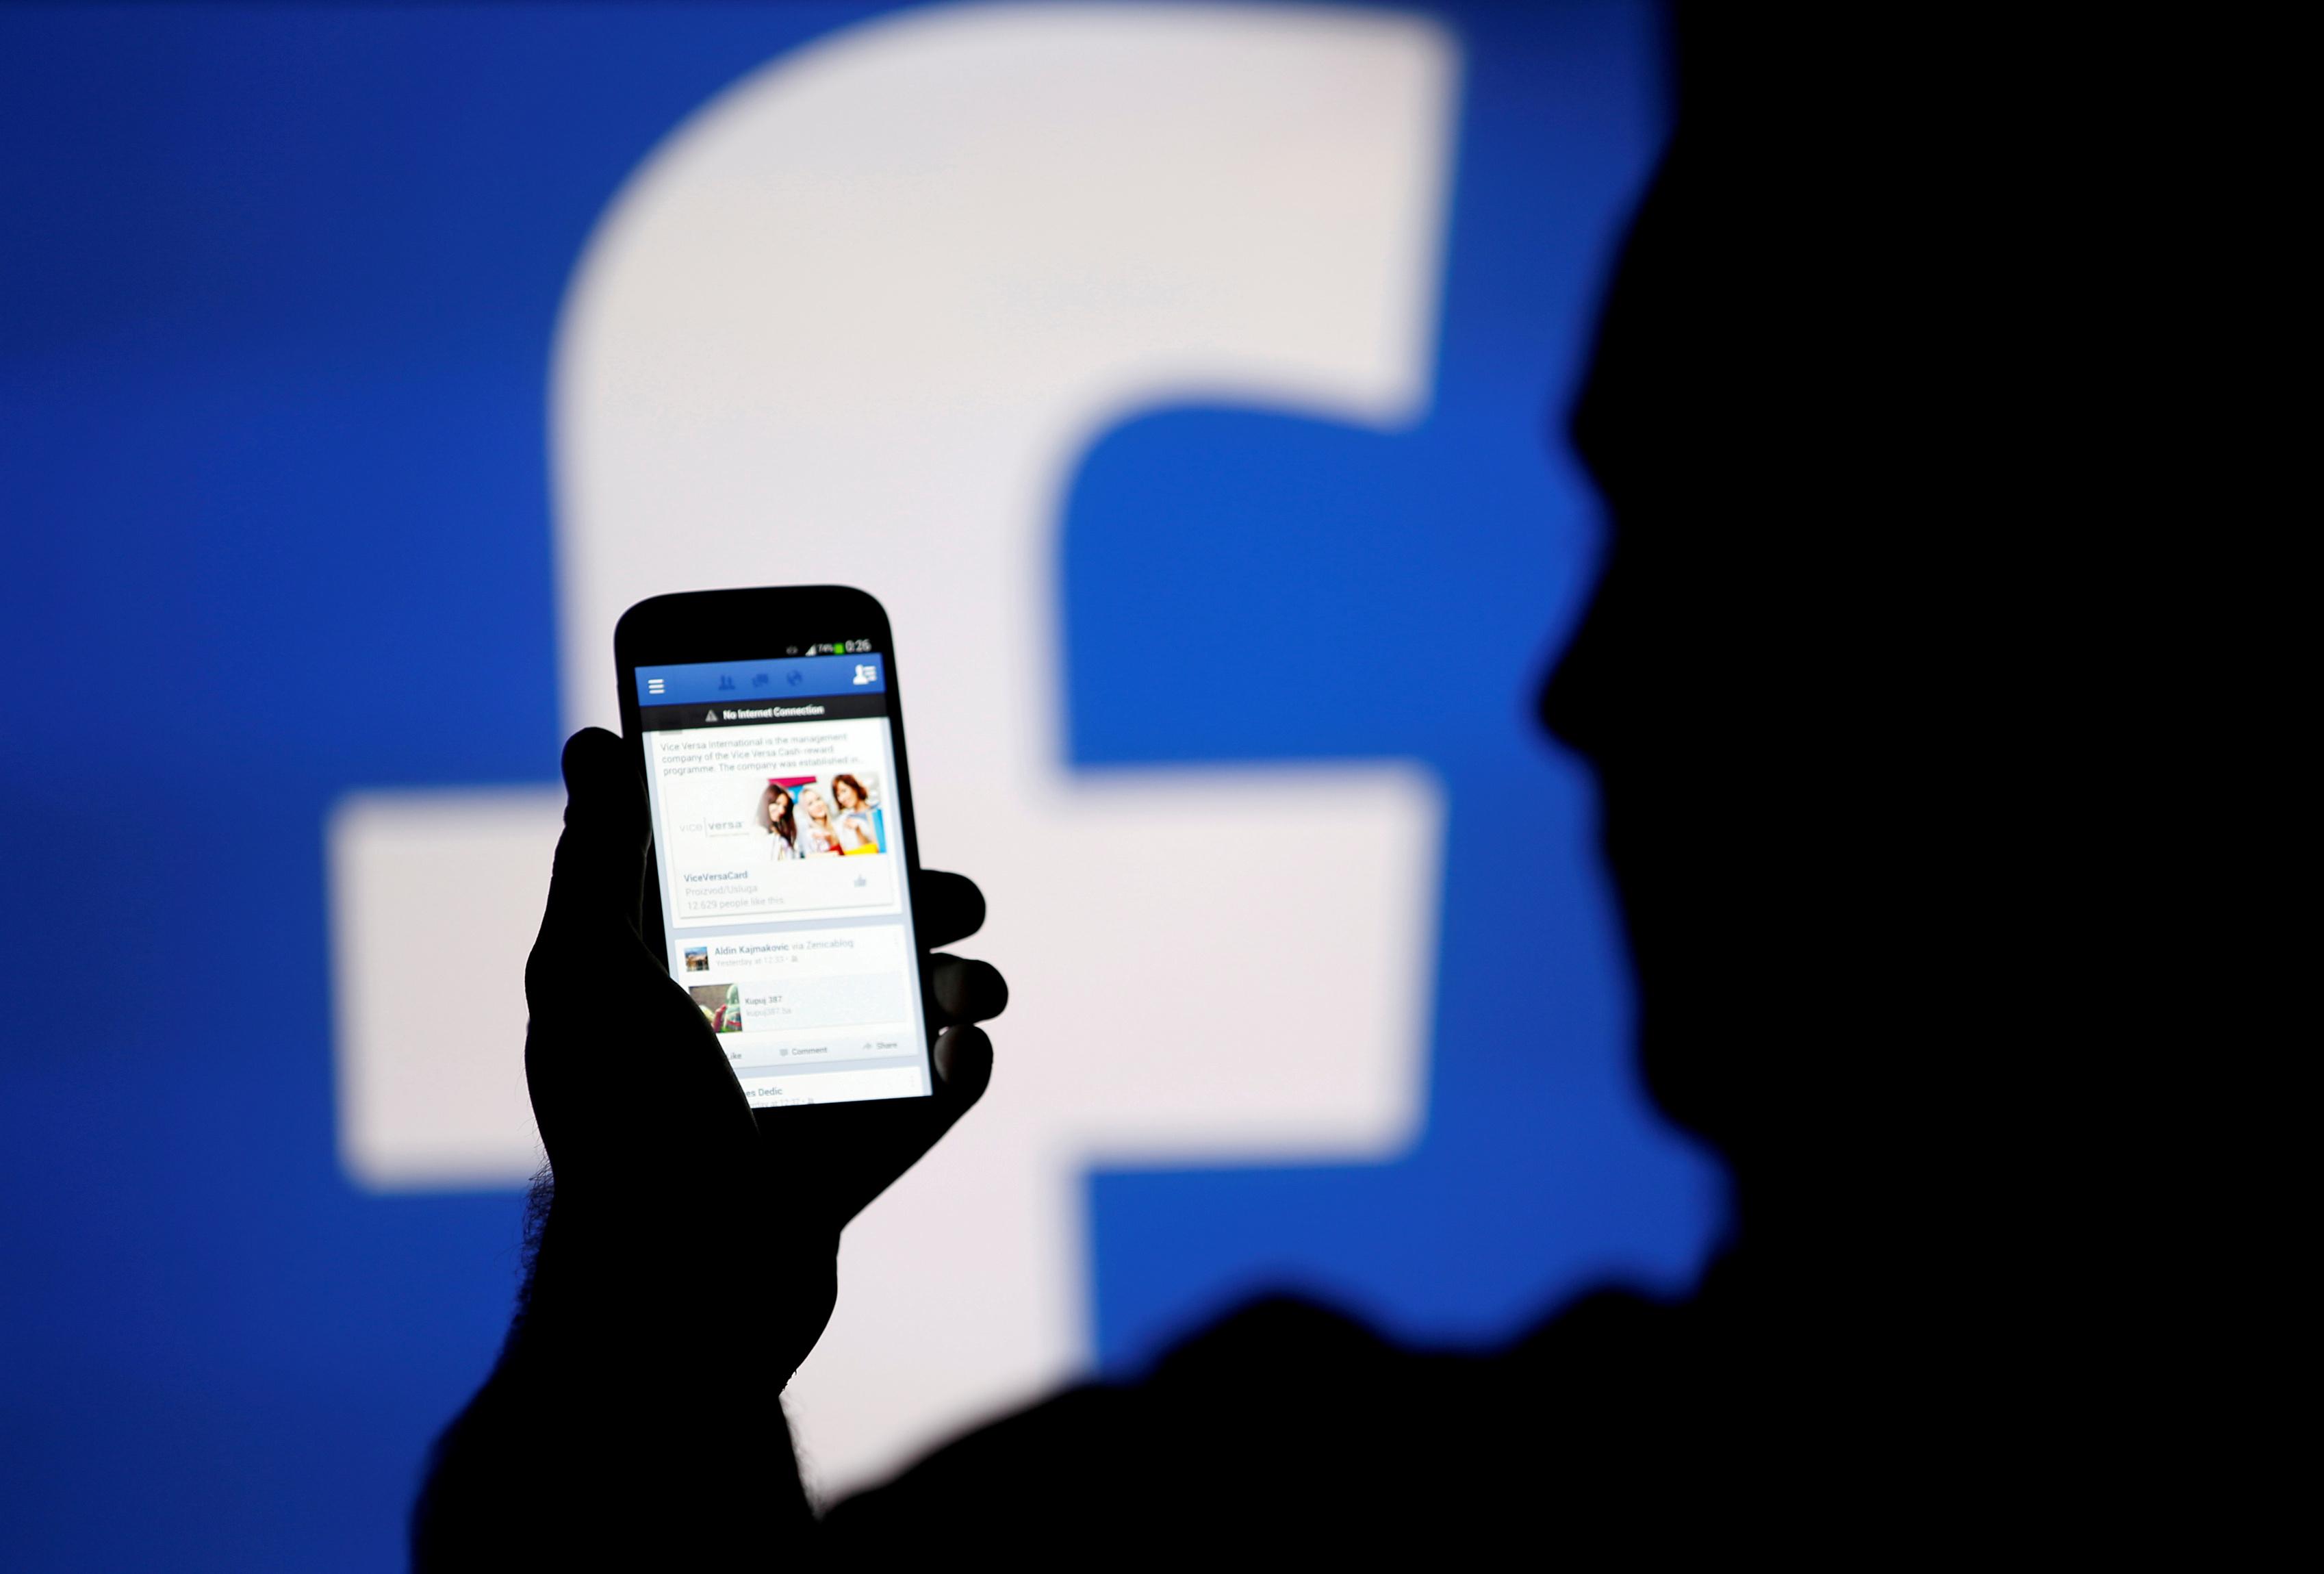 Gagal Juara Musim Lalu, Pemain Klub Mesir Dilarang Main Facebook